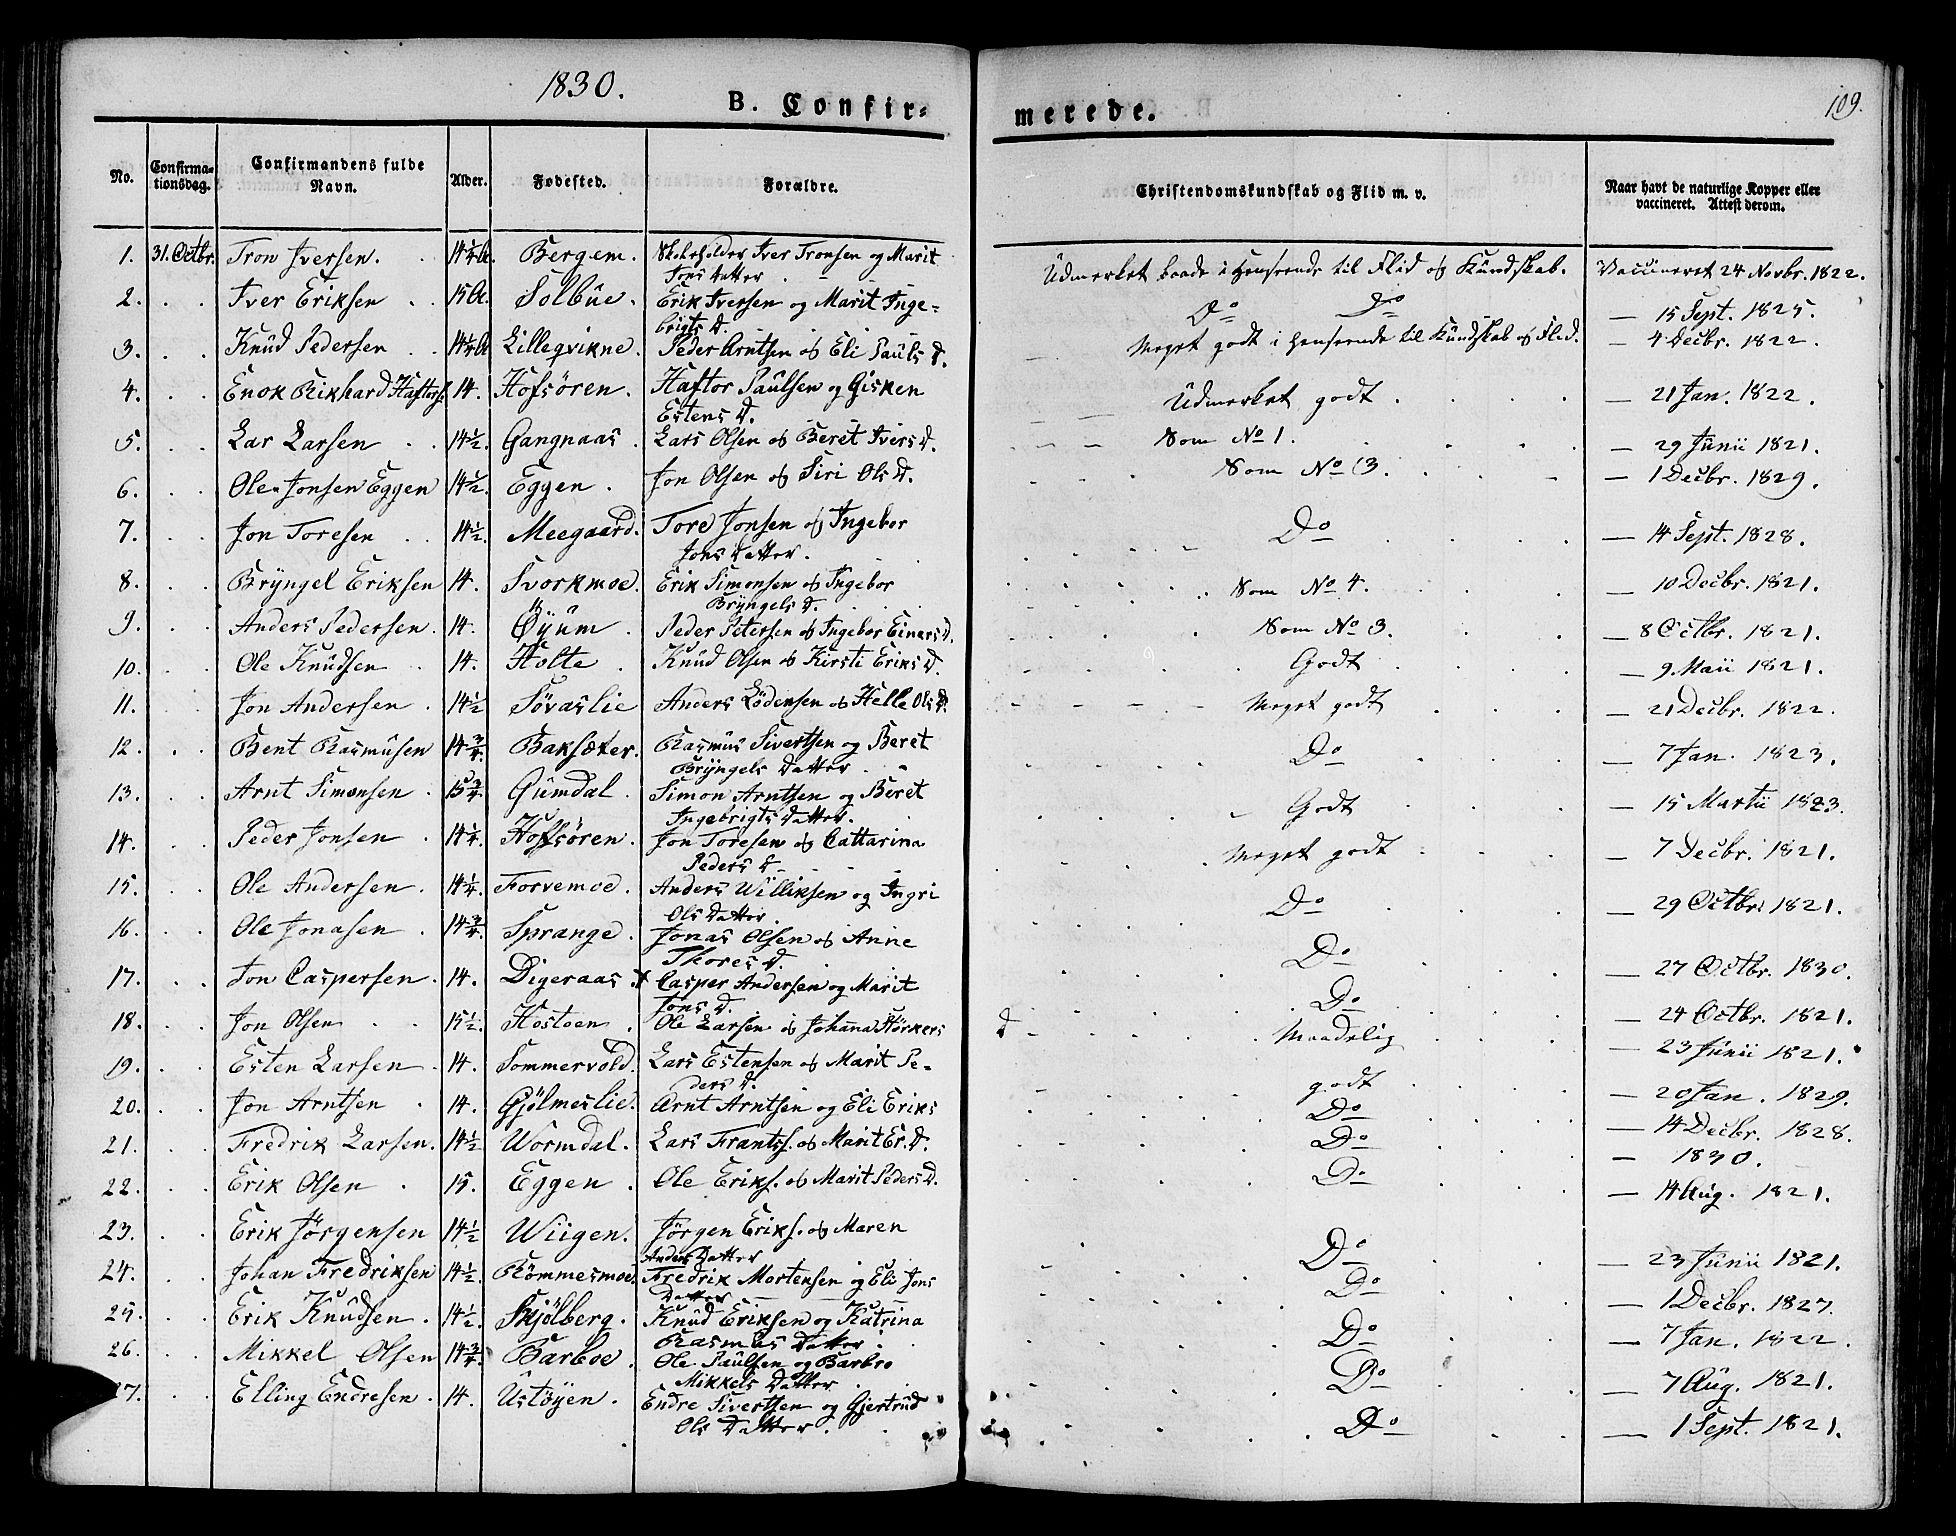 SAT, Ministerialprotokoller, klokkerbøker og fødselsregistre - Sør-Trøndelag, 668/L0804: Ministerialbok nr. 668A04, 1826-1839, s. 109